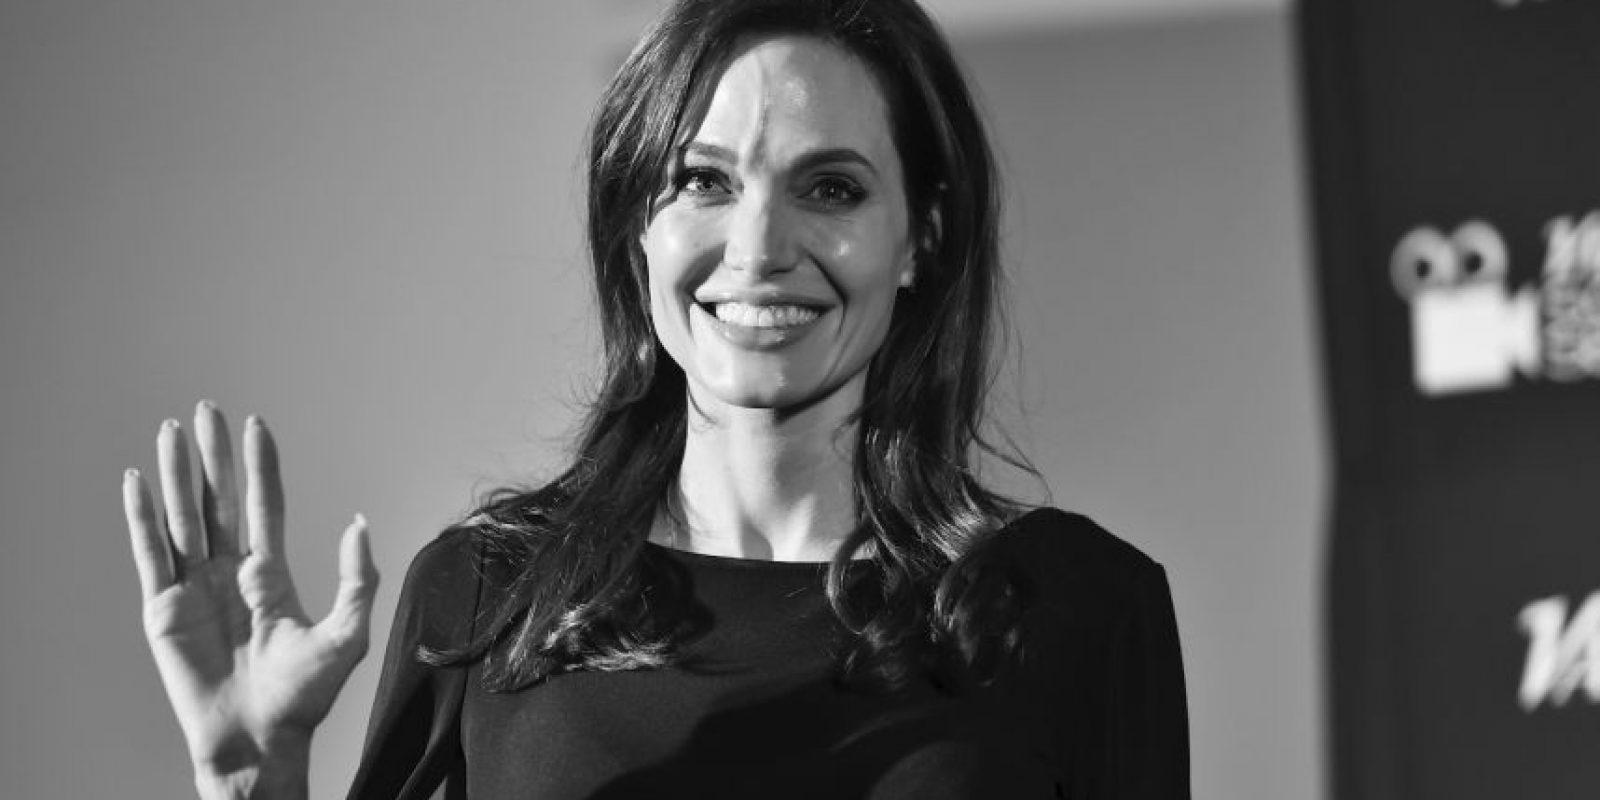 """Su reconocimiento mundial comenzó a desarrollarse después de que ganara un premio Oscar como mejor actriz de reparto, en 2000, gracias a su trabajo en la película """"Inocencia interrumpida"""" Foto:Getty Images"""